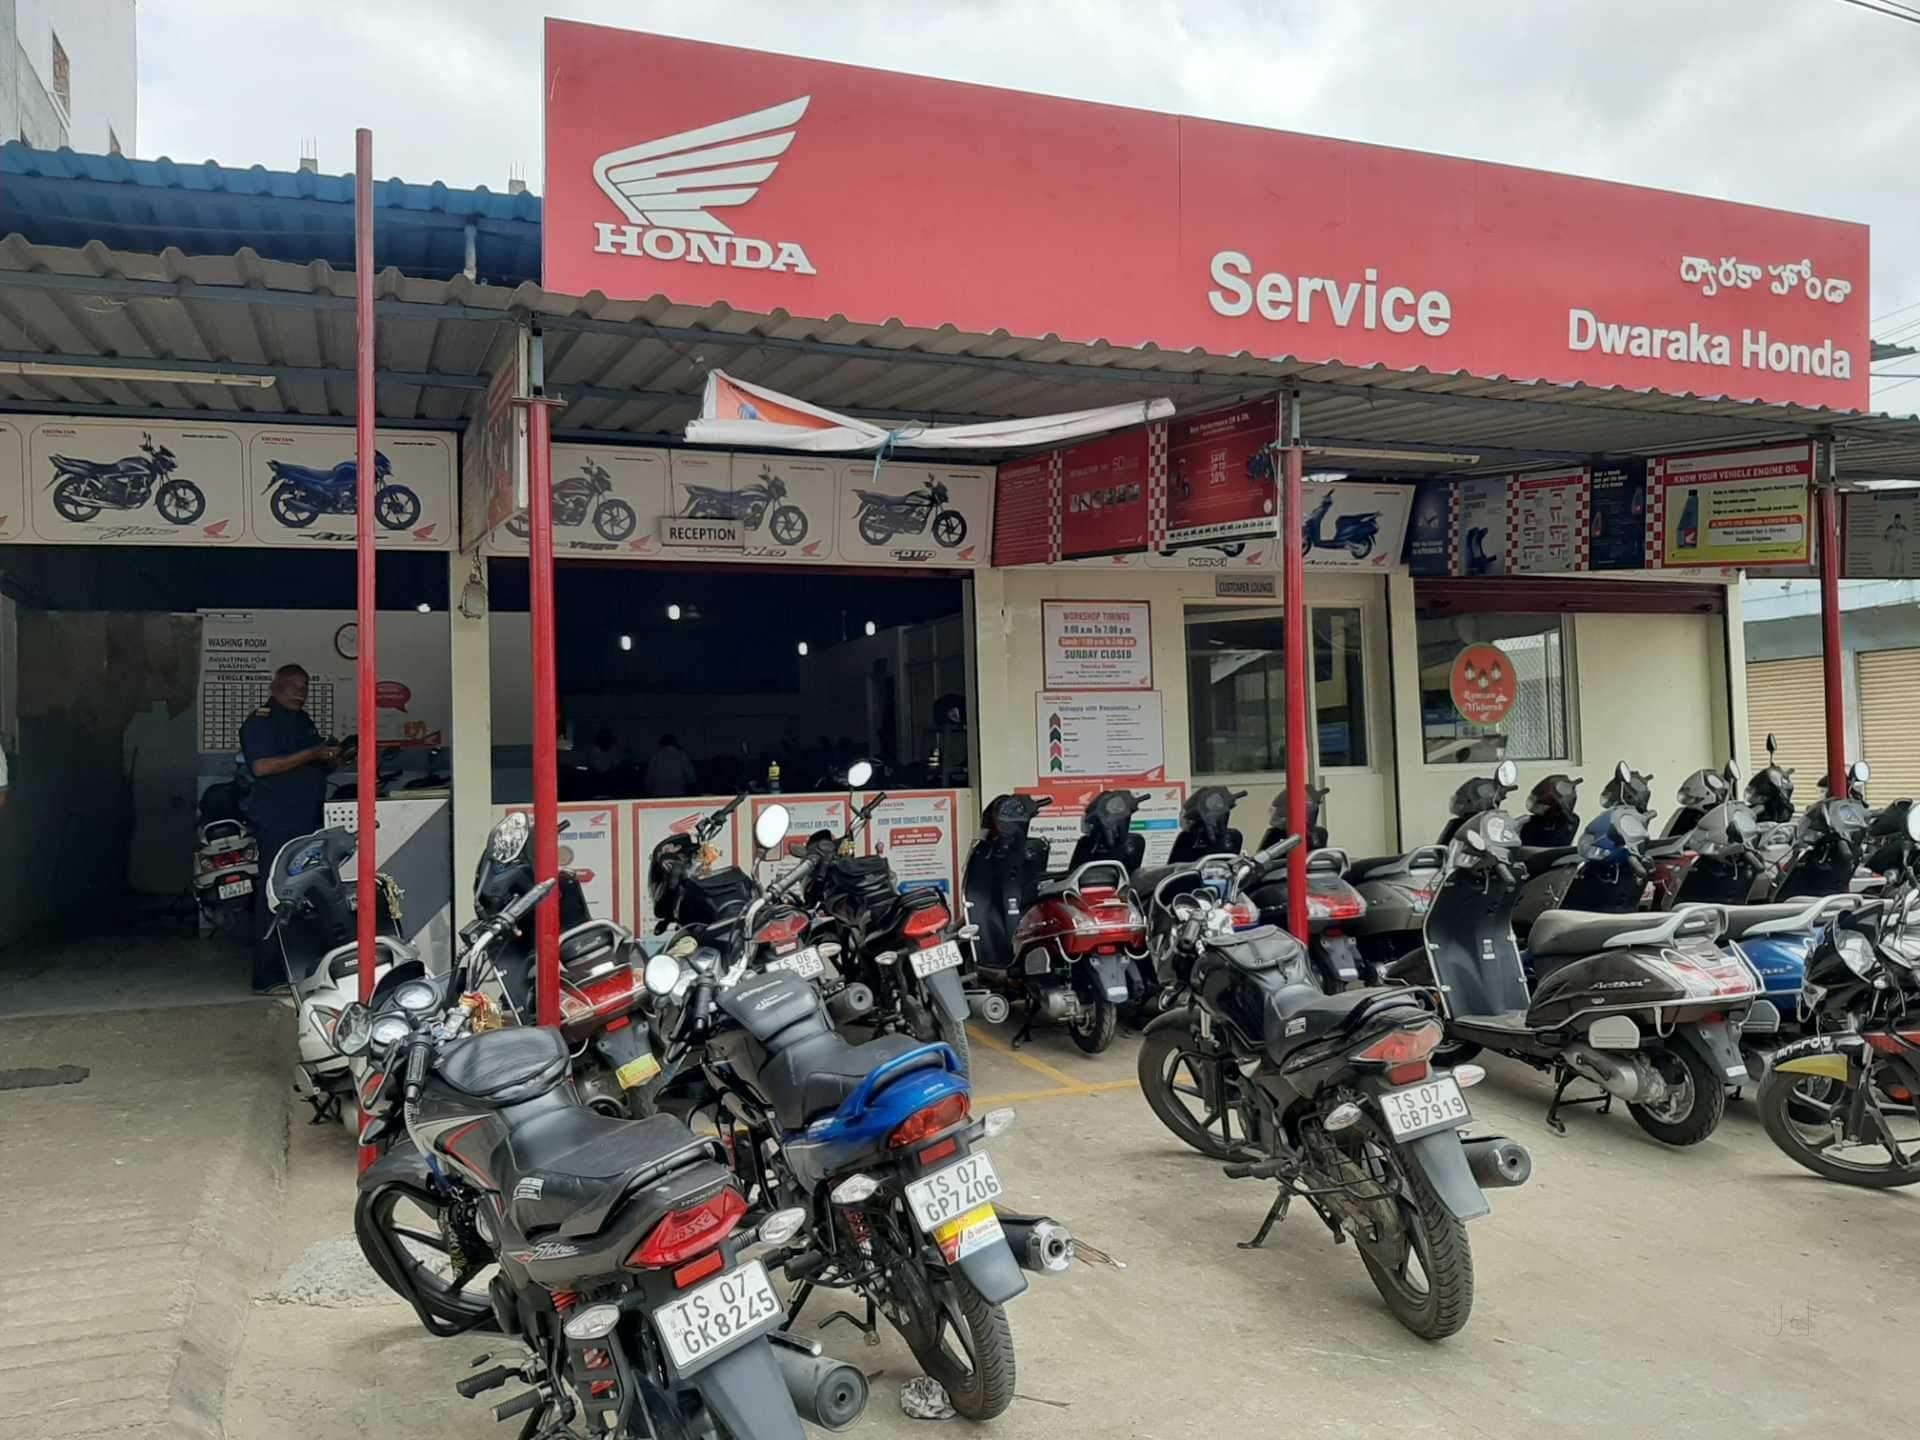 Thị trường xe máy Đông Nam Á- Indo chết dần, Việt Nam có thể dẫn đầu?